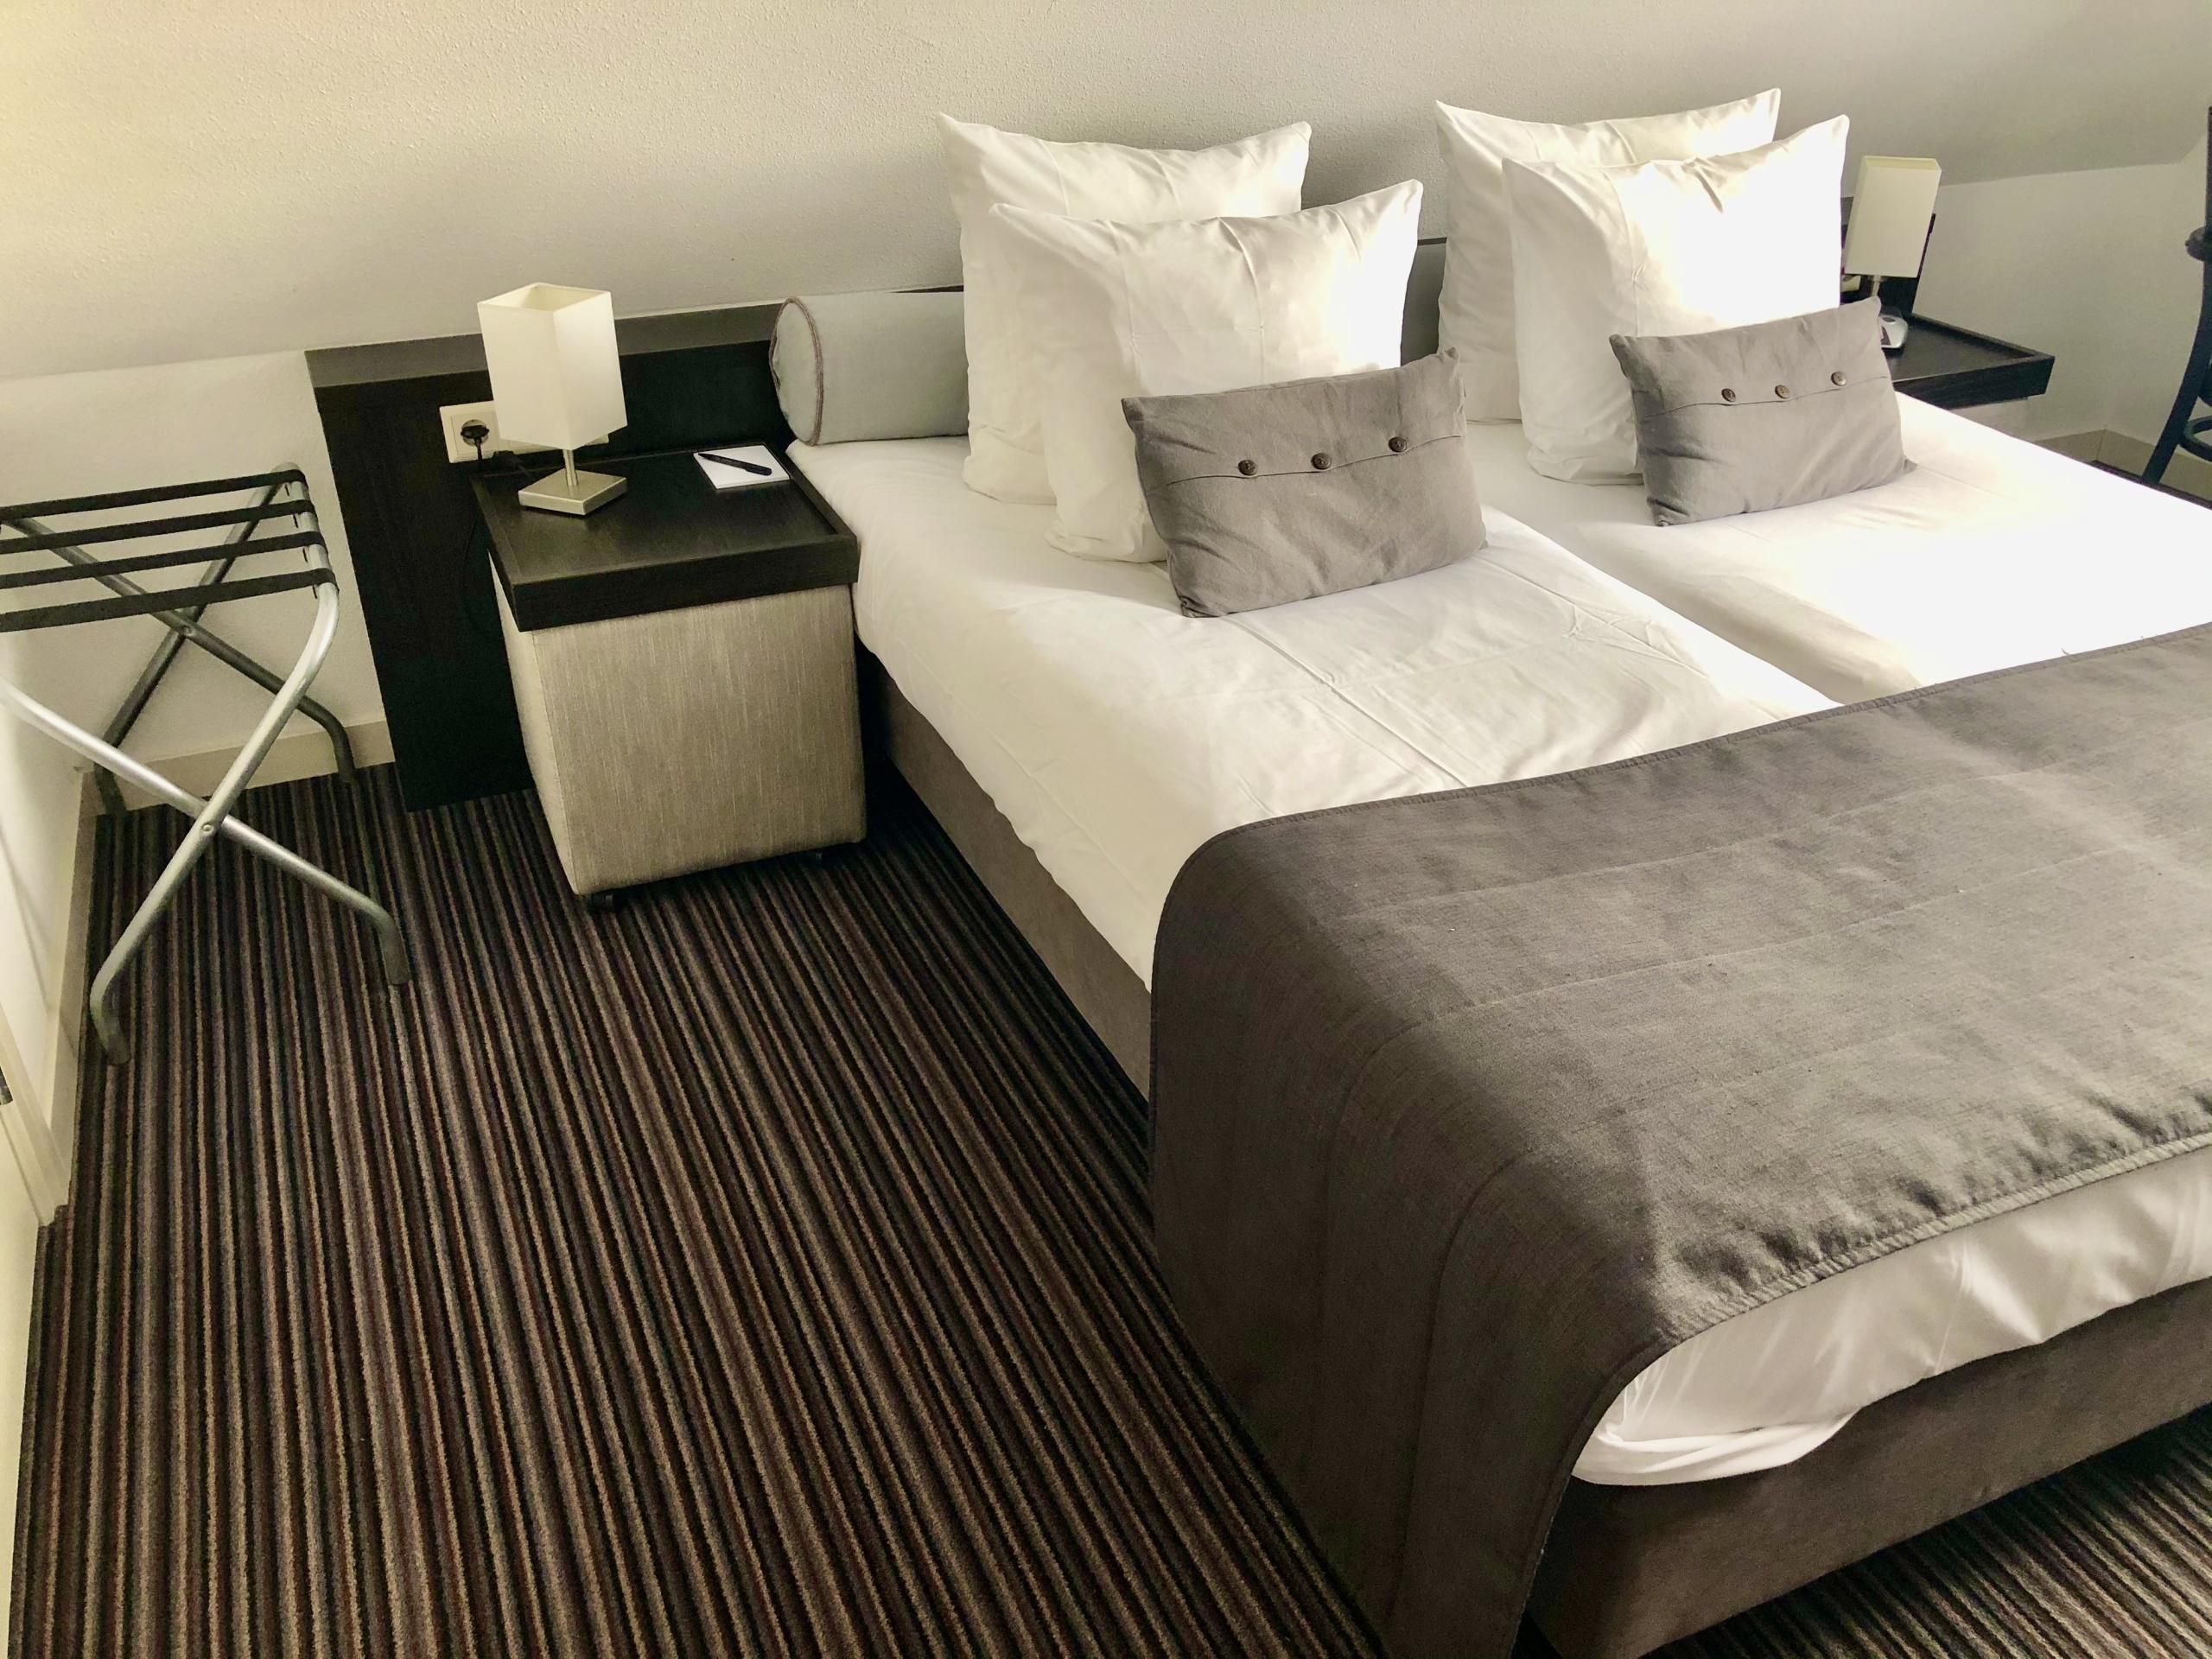 Lekker genieten in comfortabel hotel op loopafstand van zee in De Koog